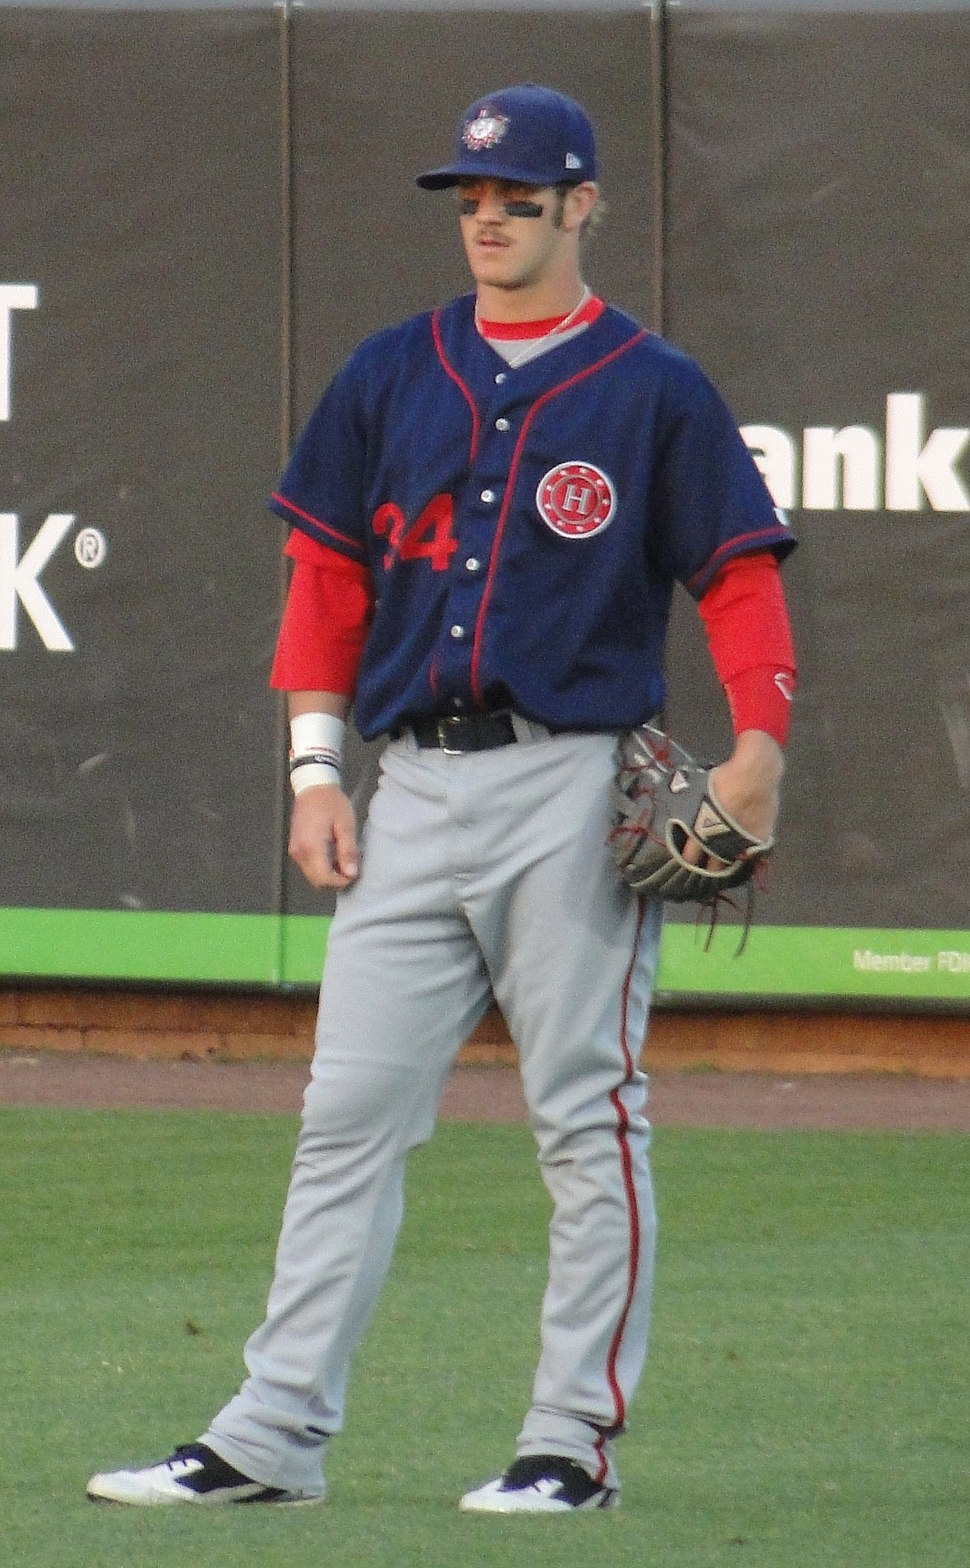 Bryce Harper, Hagerstown 2011